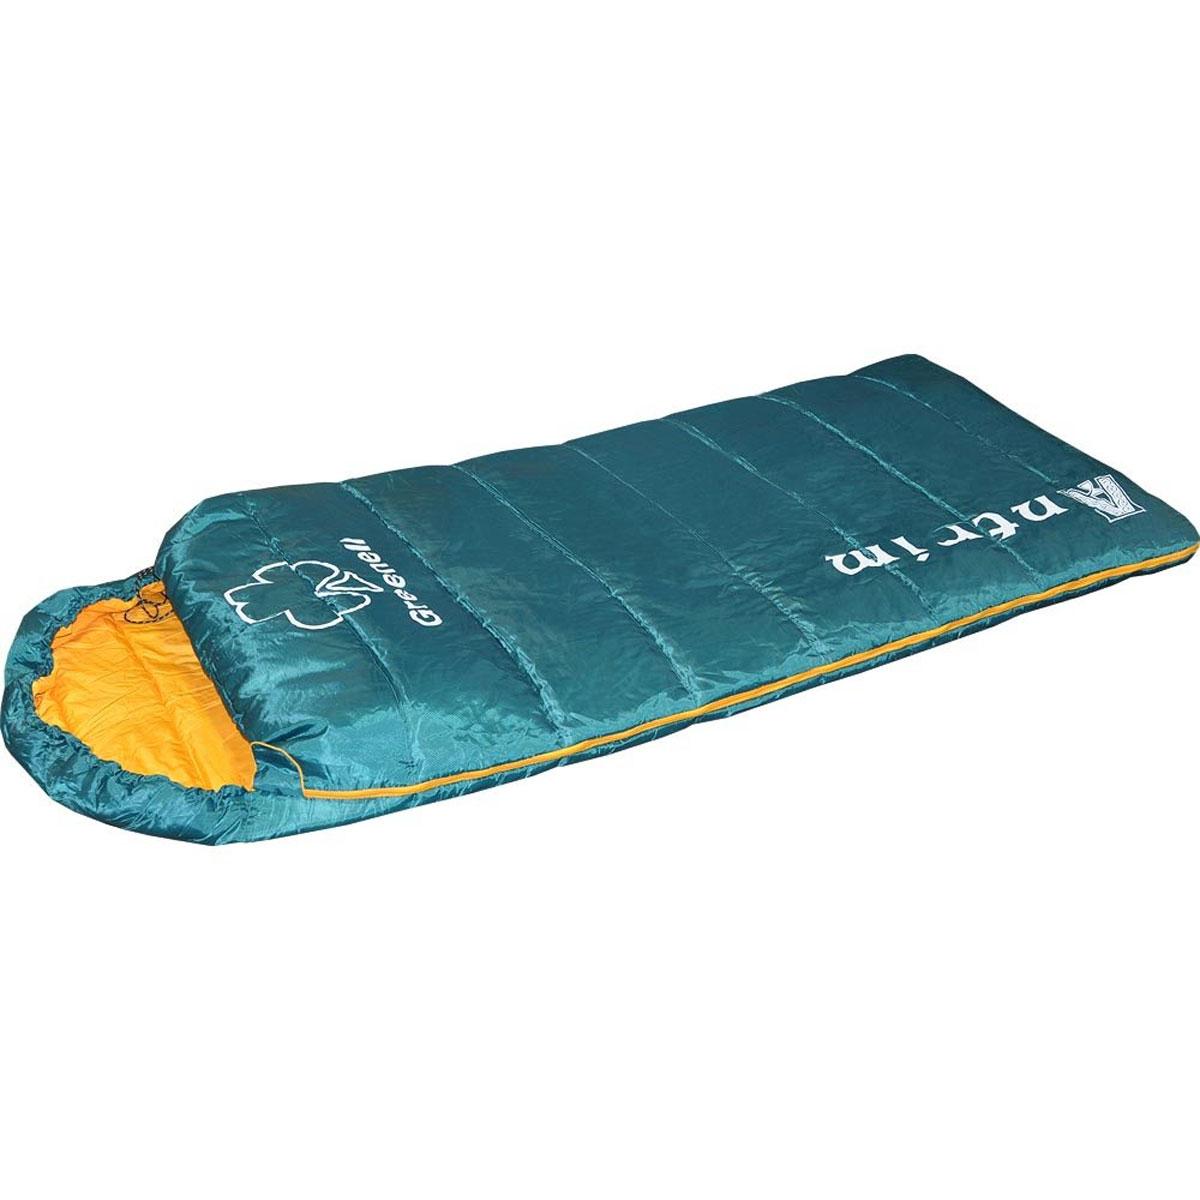 Спальный мешок Greenell Антрим, правосторонняя молния, цвет: зеленый34013-303-00Летний спальник Greenell Антрим изготовлен в форм-факторе мешок-одеяло с подголовником. Антрим имеет большой внутренний объем и ориентирован на использование людьми, крупной комплекции, а для капризных путешественников, любящих особый комфорт это единственный и необходимый вариант для полноценного ночлега! Легкий спальник Greenell Антрим имеет удобный кармашек внутри для личных вещей, очков, контактных линз и другой ночной атрибутики. В свернутом виде спальник помещается в компрессионный мешок и занимает минимум места в рюкзаке или багажном отделении автомобиля.Ткань верха спального мешка обработана влагостойкой пропиткой. Гиппоалергенный материал утеплителя холлофайбер не сминается, быстро сохнет и обладает отличными теплосберегающими свойствами. Особое расположение швов предотвращает миграцию утеплителя внутри спального мешка.При необходимости двухзамковая молния позволяет состегнуть два однотипных спальника, образуя просторную спарку для отдыха всей семьей. Материал верха: 210T Polyester Honey Ripstop Cire W/R. Материал подкладки: 240T Polyester Pongee.